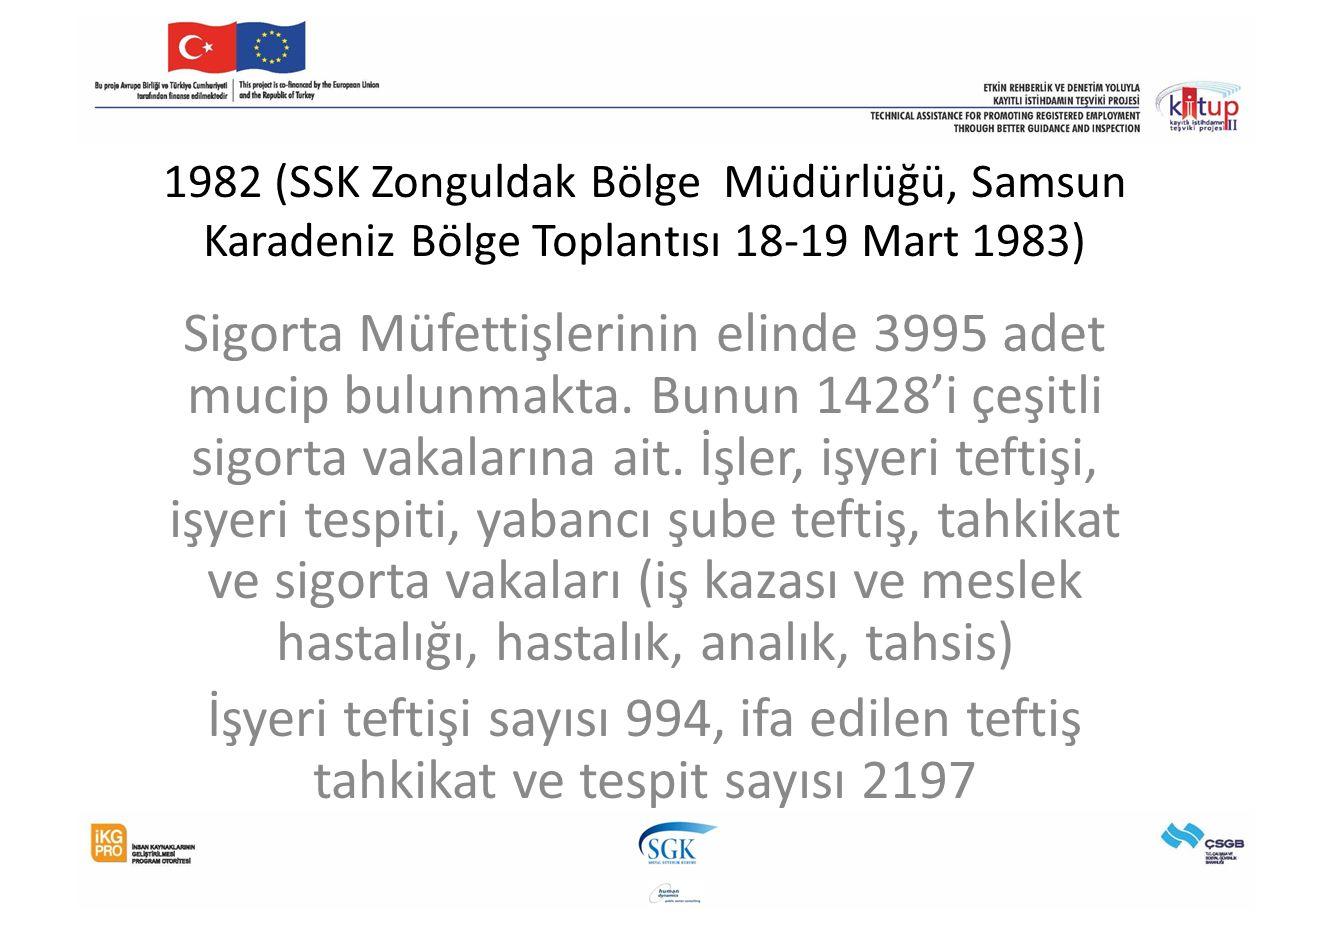 1982 (SSK Zonguldak Bölge Müdürlüğü, Samsun Karadeniz Bölge Toplantısı 18-19 Mart 1983) Sigorta Müfettişlerinin elinde 3995 adet mucip bulunmakta.